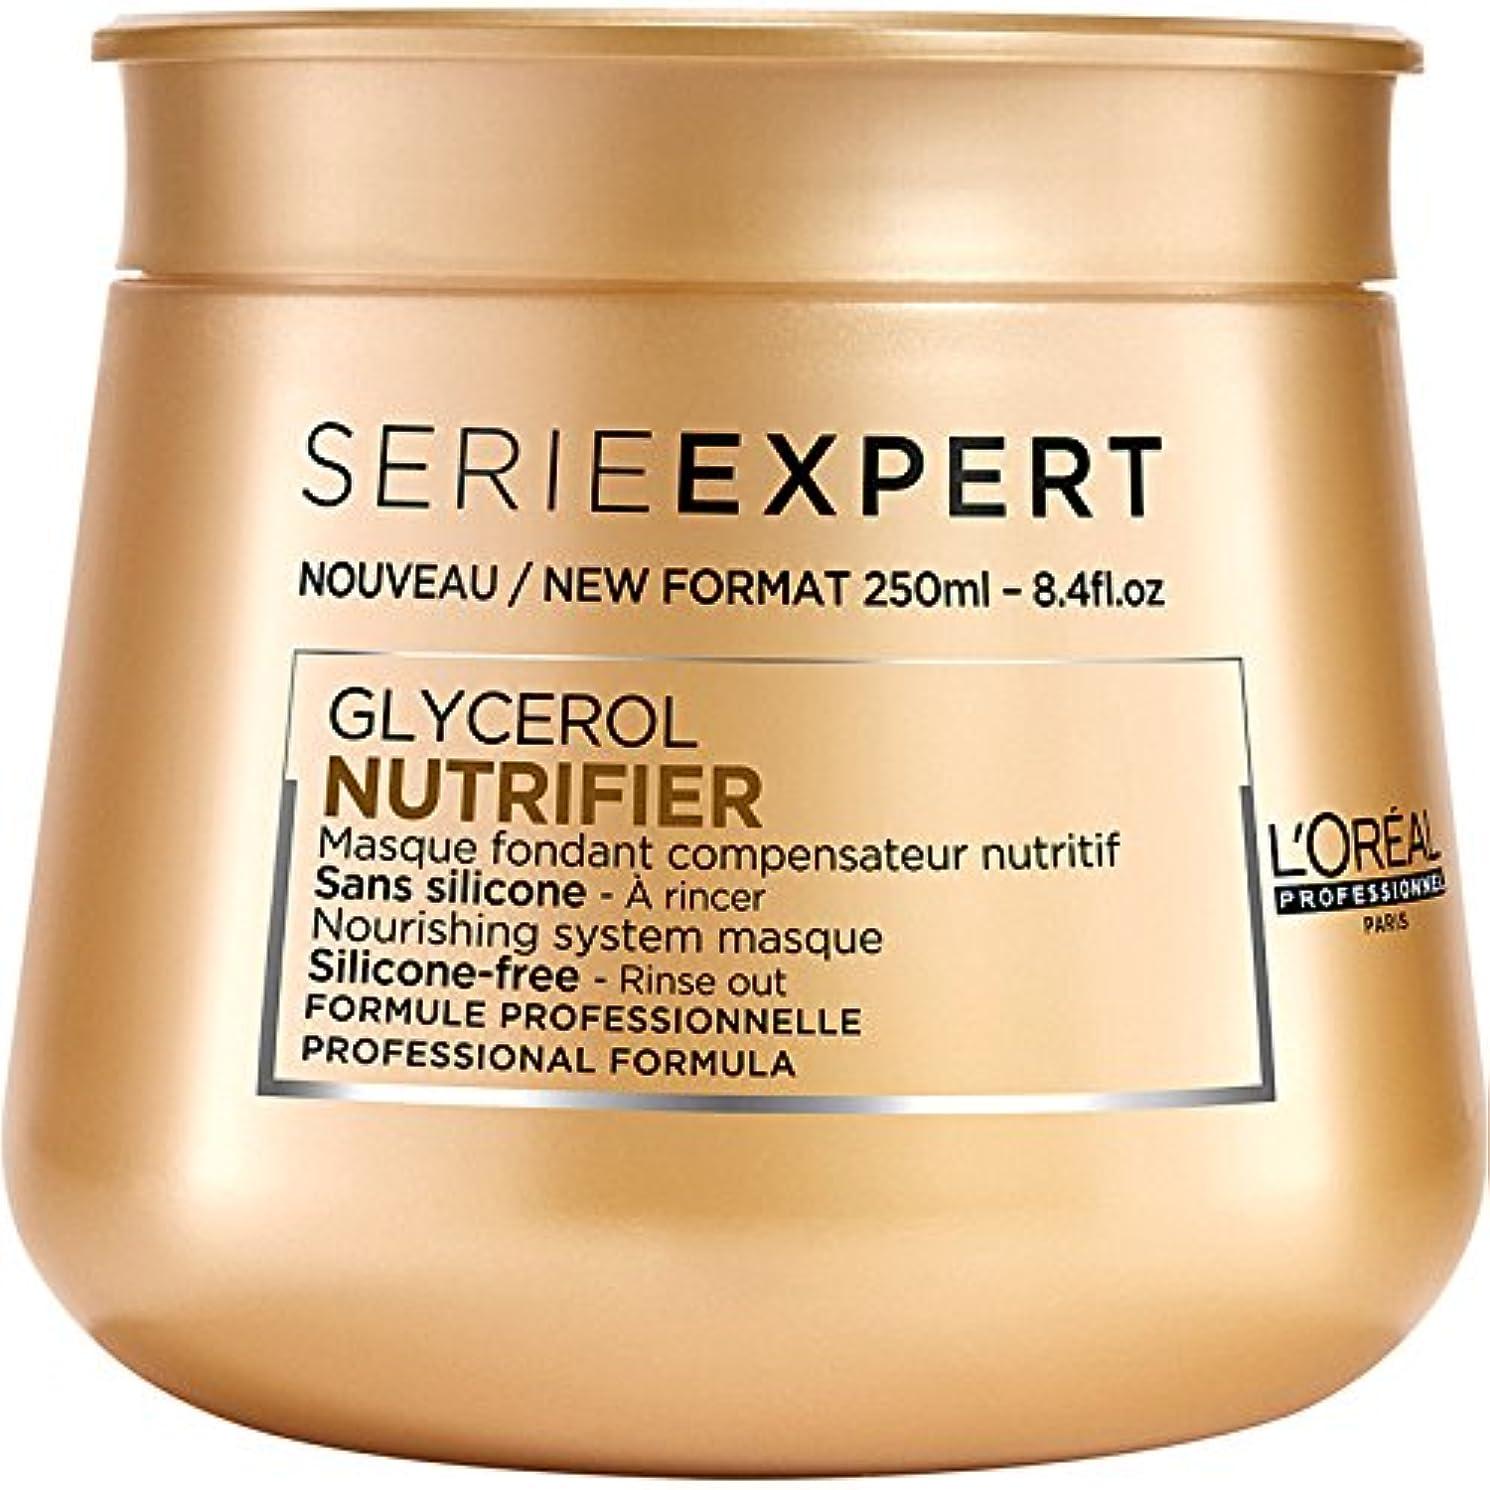 担当者前文何でもL'Oreal Serie Expert Glycerol NUTRIFIER Nourishing System Masque 250 ml [並行輸入品]